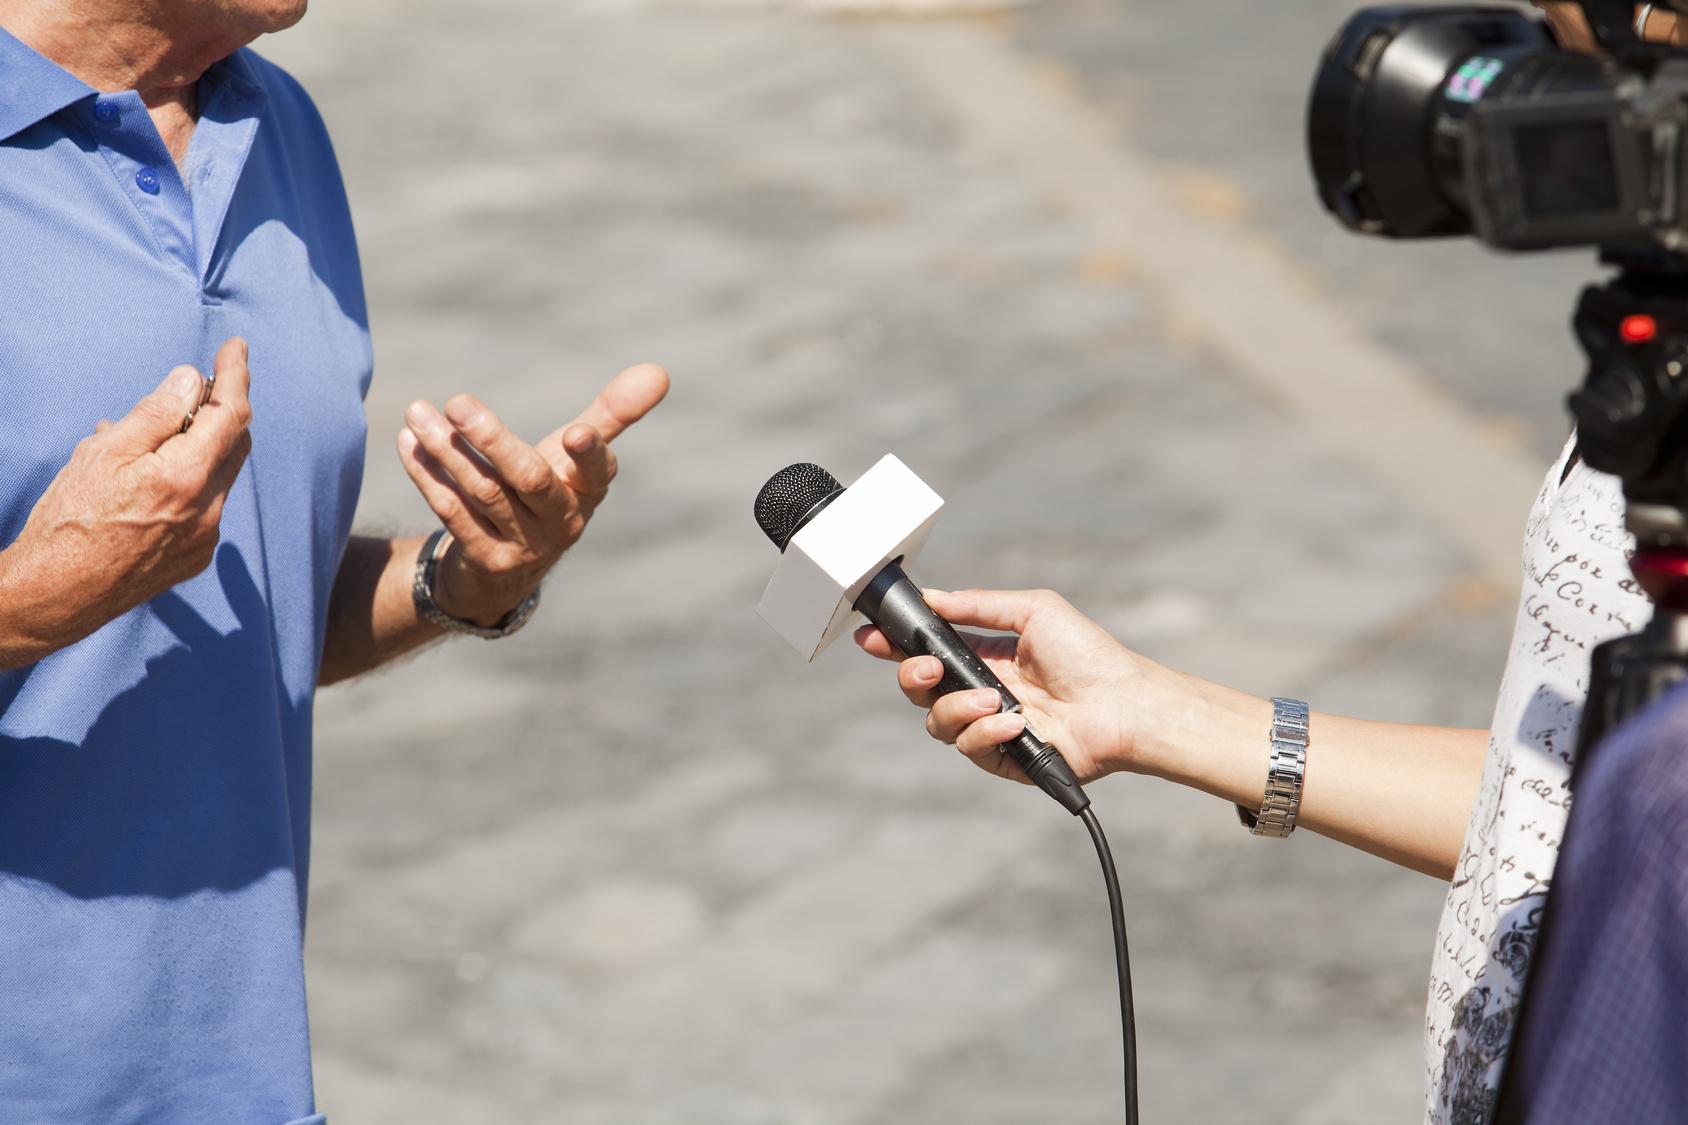 Mann wird interviewt und gefilmt